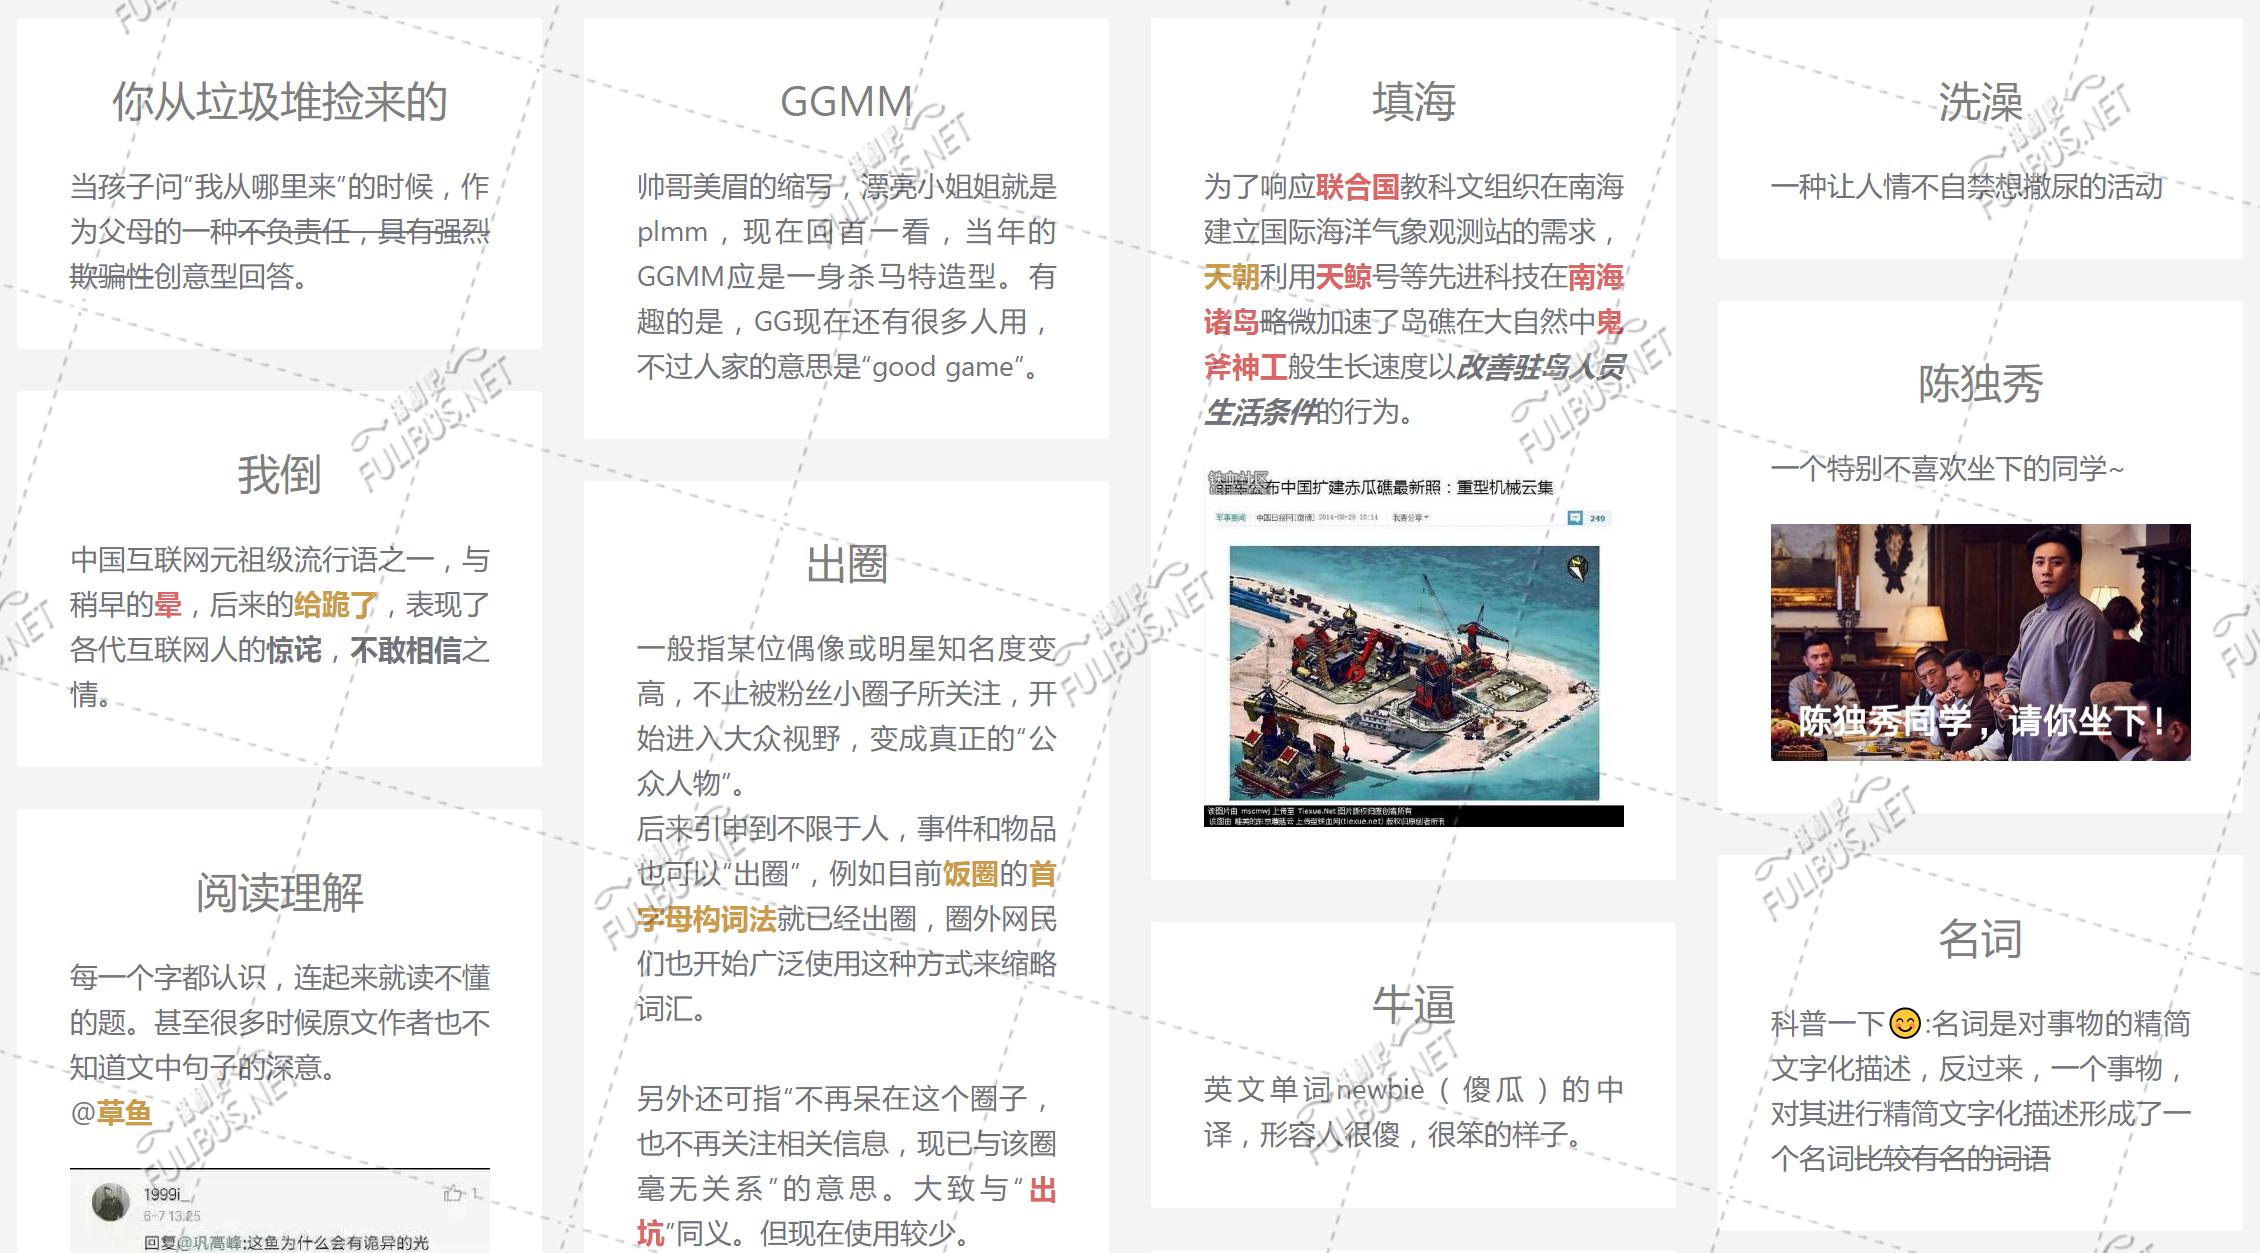 趣味网站第14期 小鸡词典/中国配色/名著地图/海洋之音/LOGO设计  文章推荐  图1